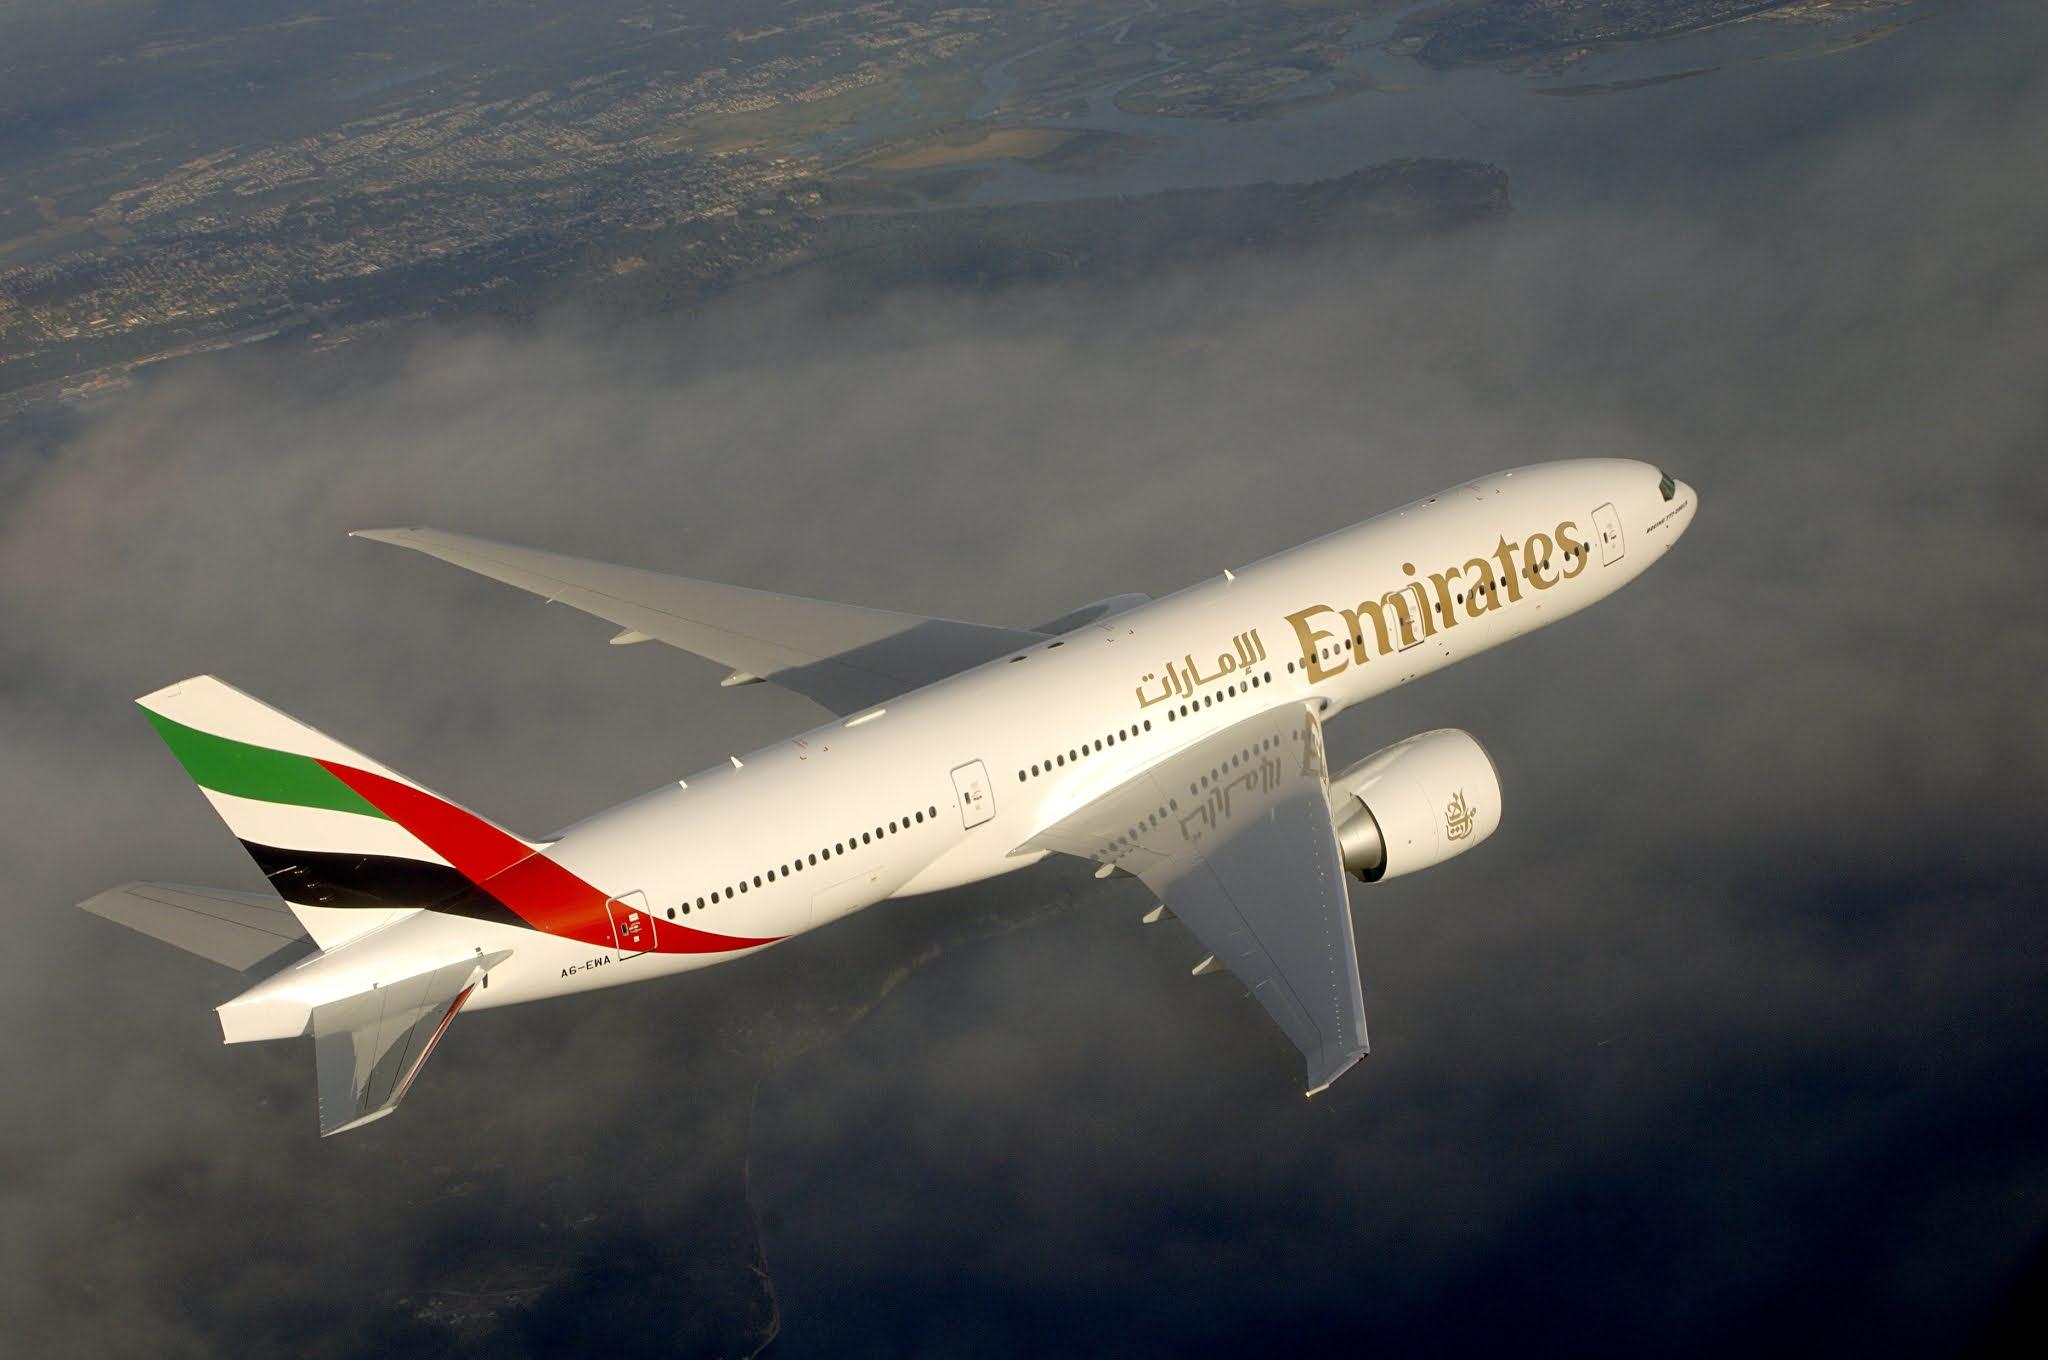 بيزنس ريواردز من طيران الإمارات يدعم الشركات الصغيرة والمتوسطة